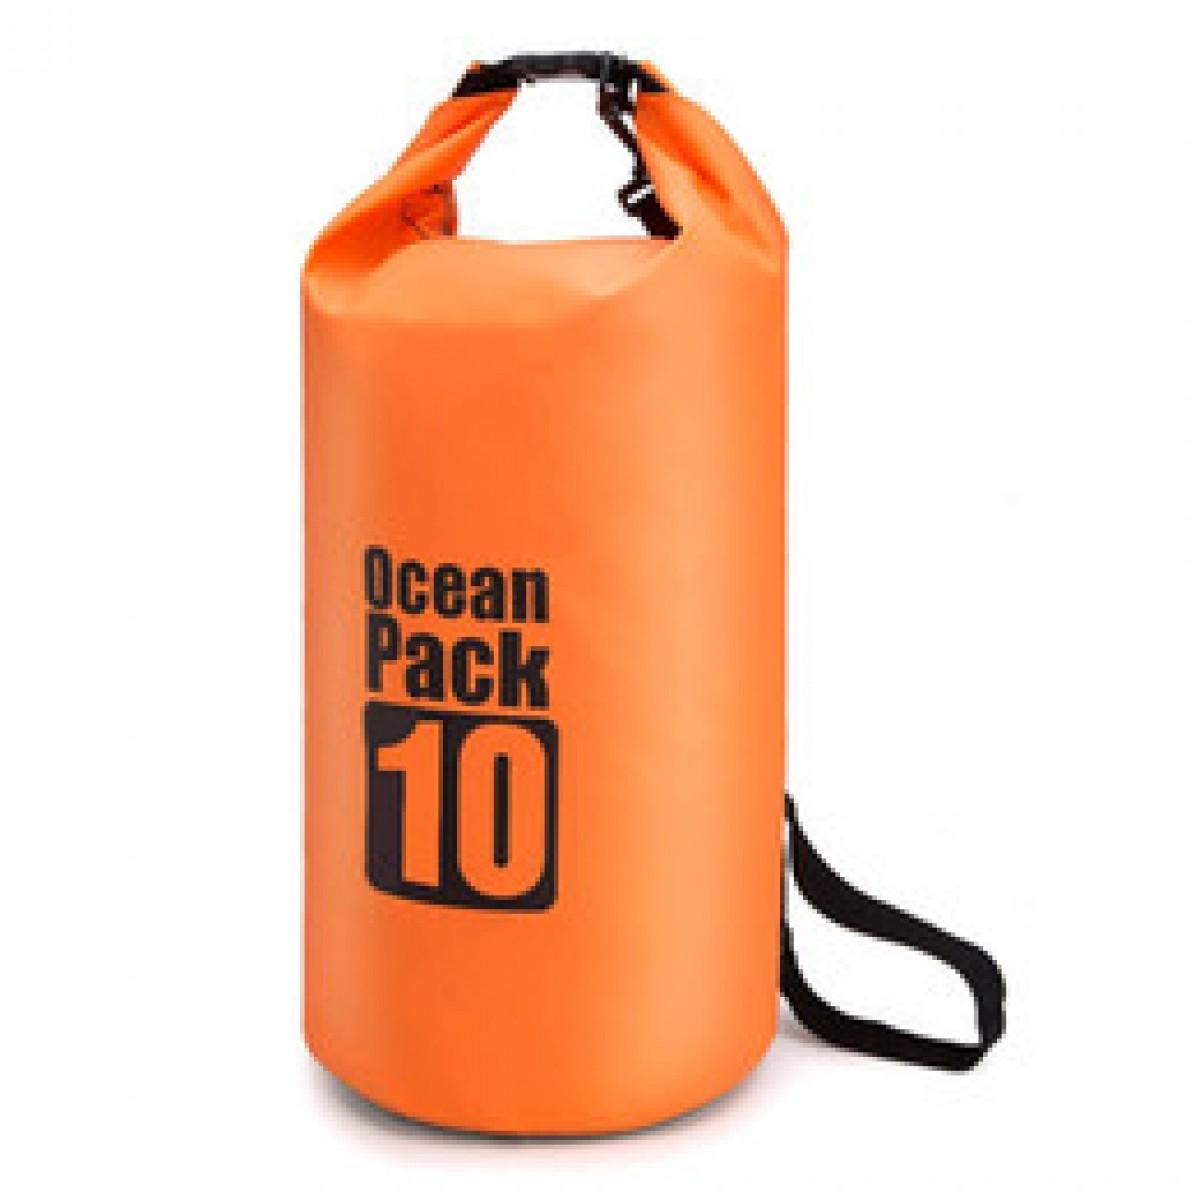 Αδιάβροχο σακίδιο πλάτης OCEAN PACK χωρητικότητας 10L